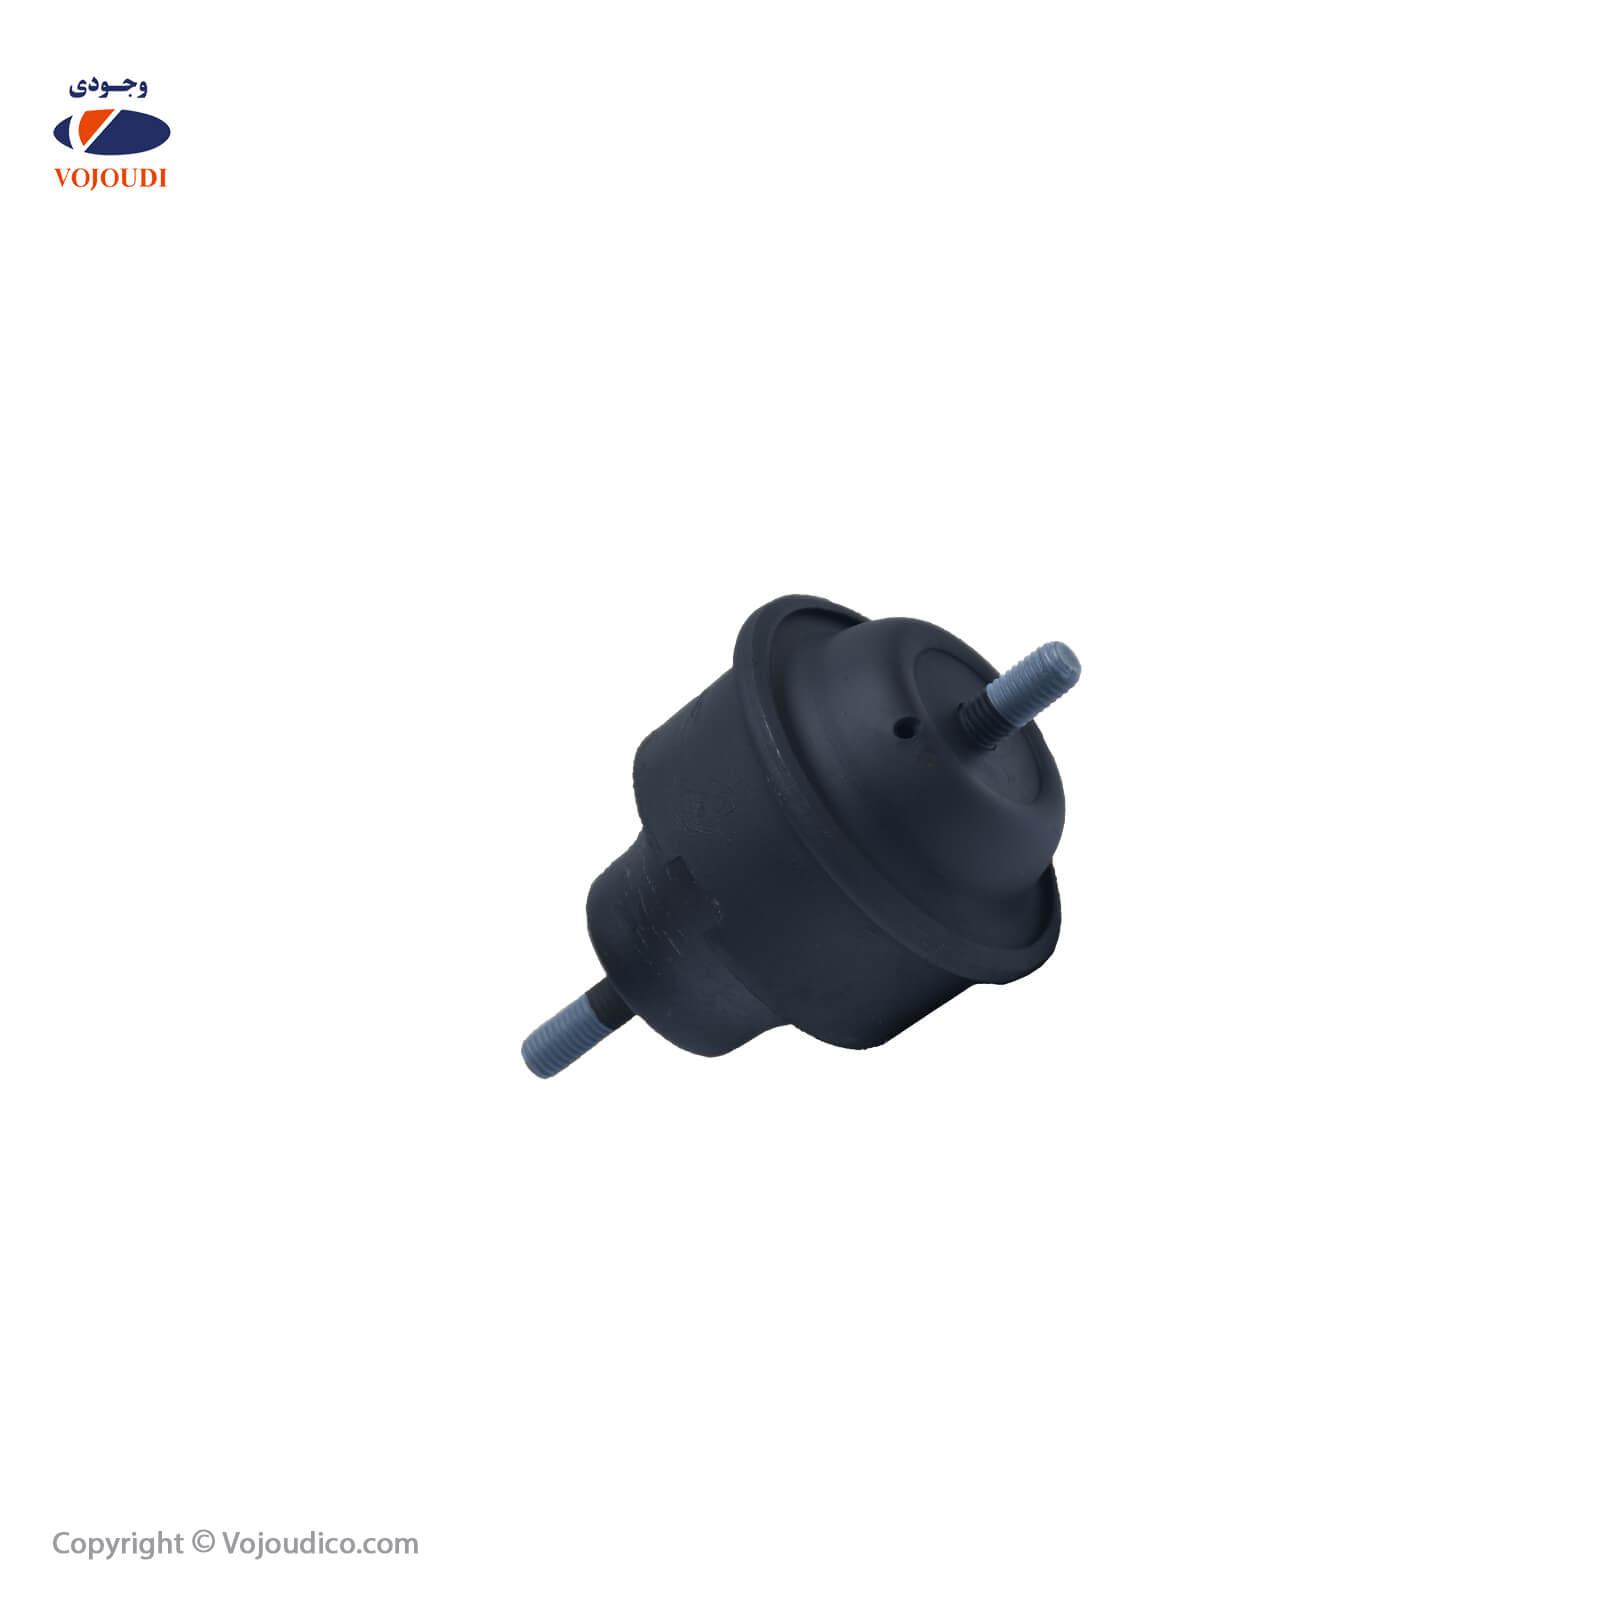 3946 1 - دسته موتور دوسرپیچ وجودی کد 3946 مناسب برای 1800 زانتیا ، تعداد بسته : 30 عدد